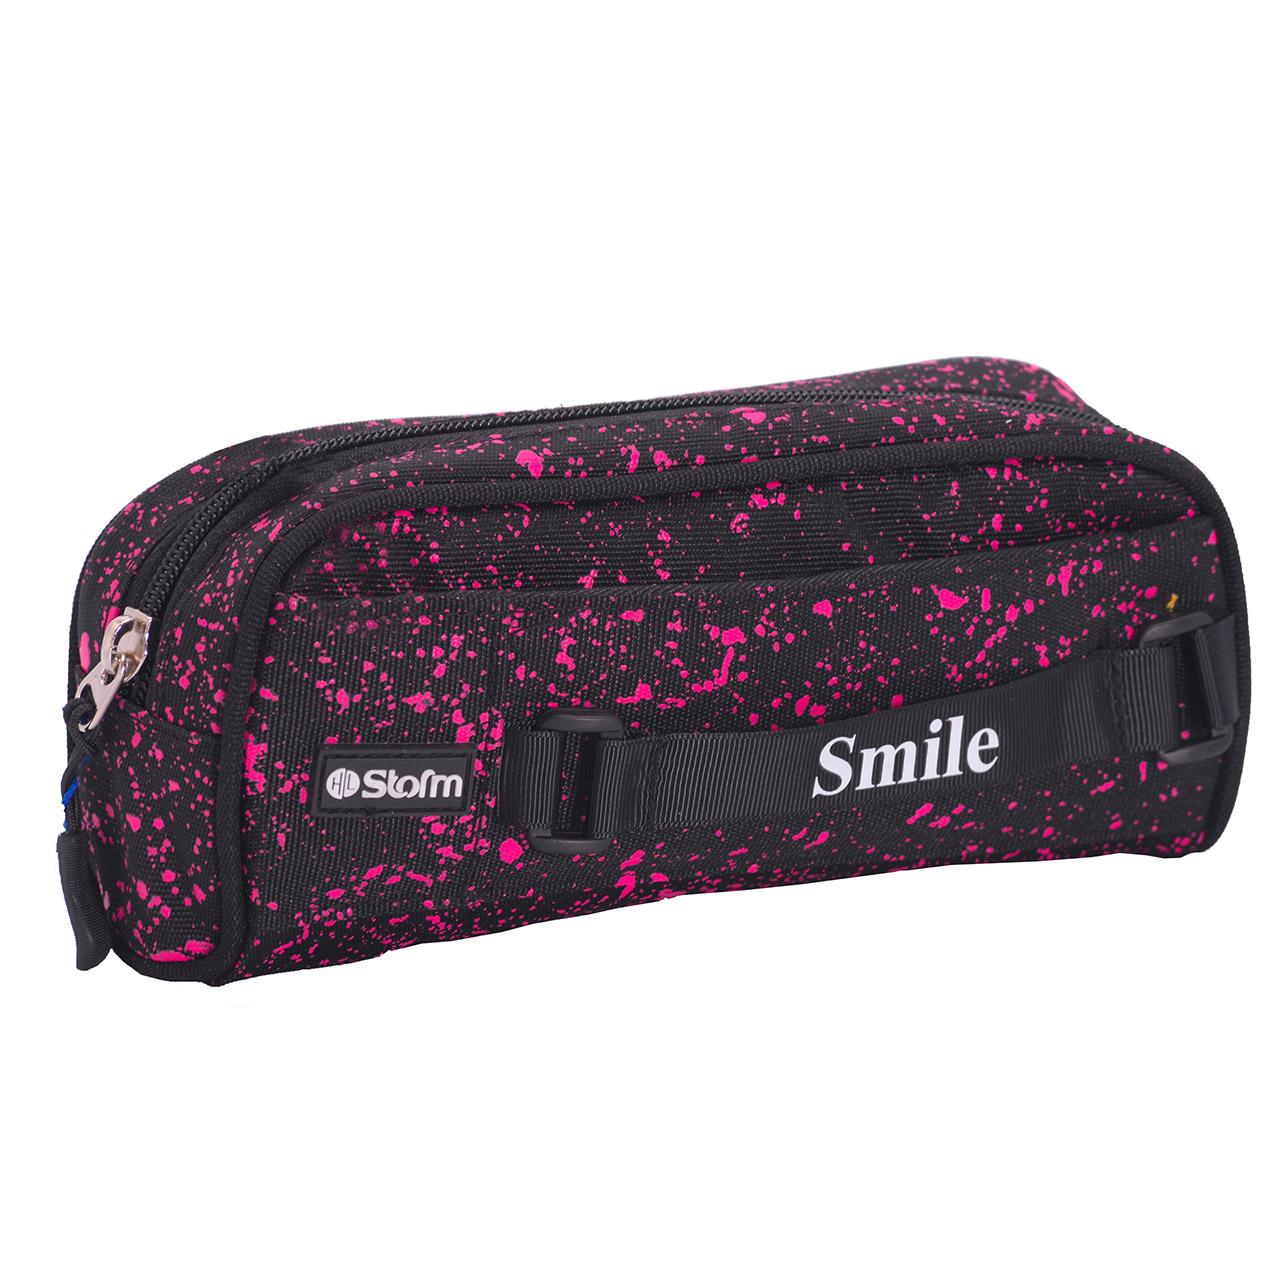 جامدادی استورم مدل Smile 2 کد HL-5002